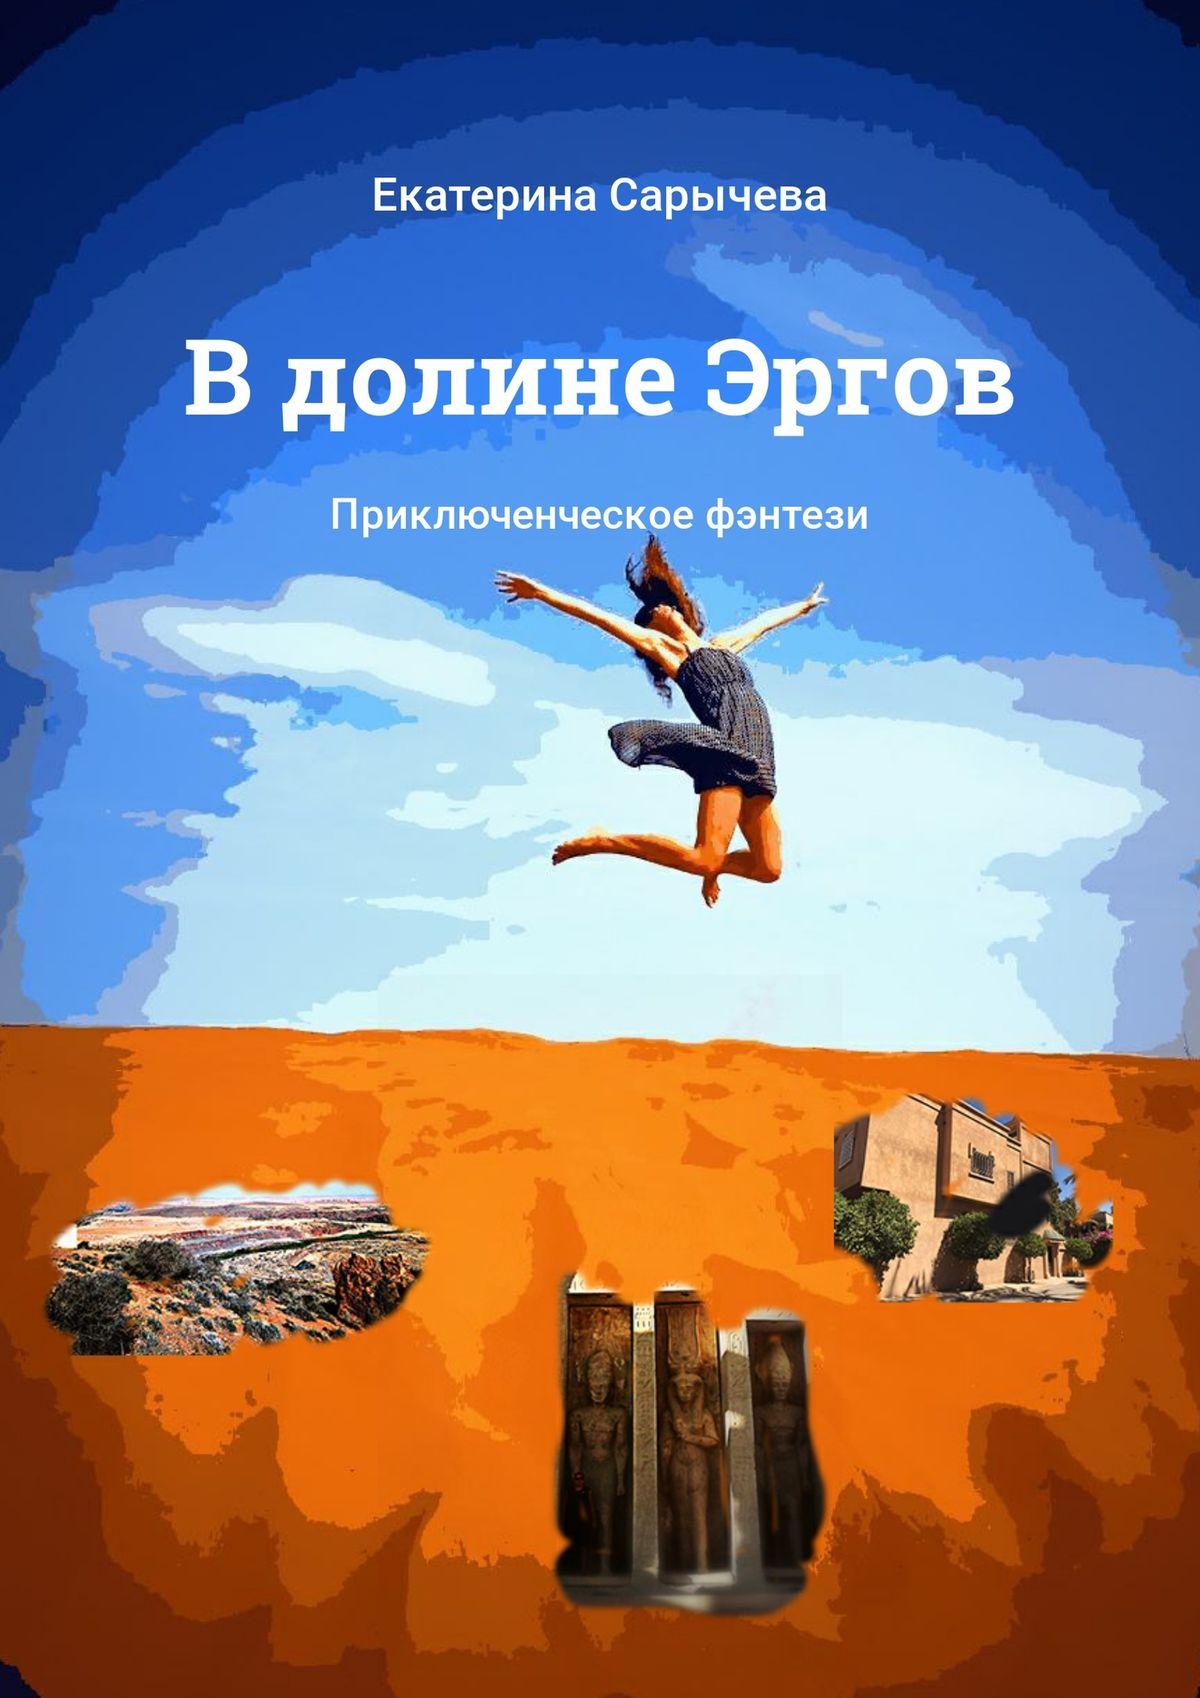 Екатерина Сарычева / Вдолине Эргов. Приключенческое фэнтези